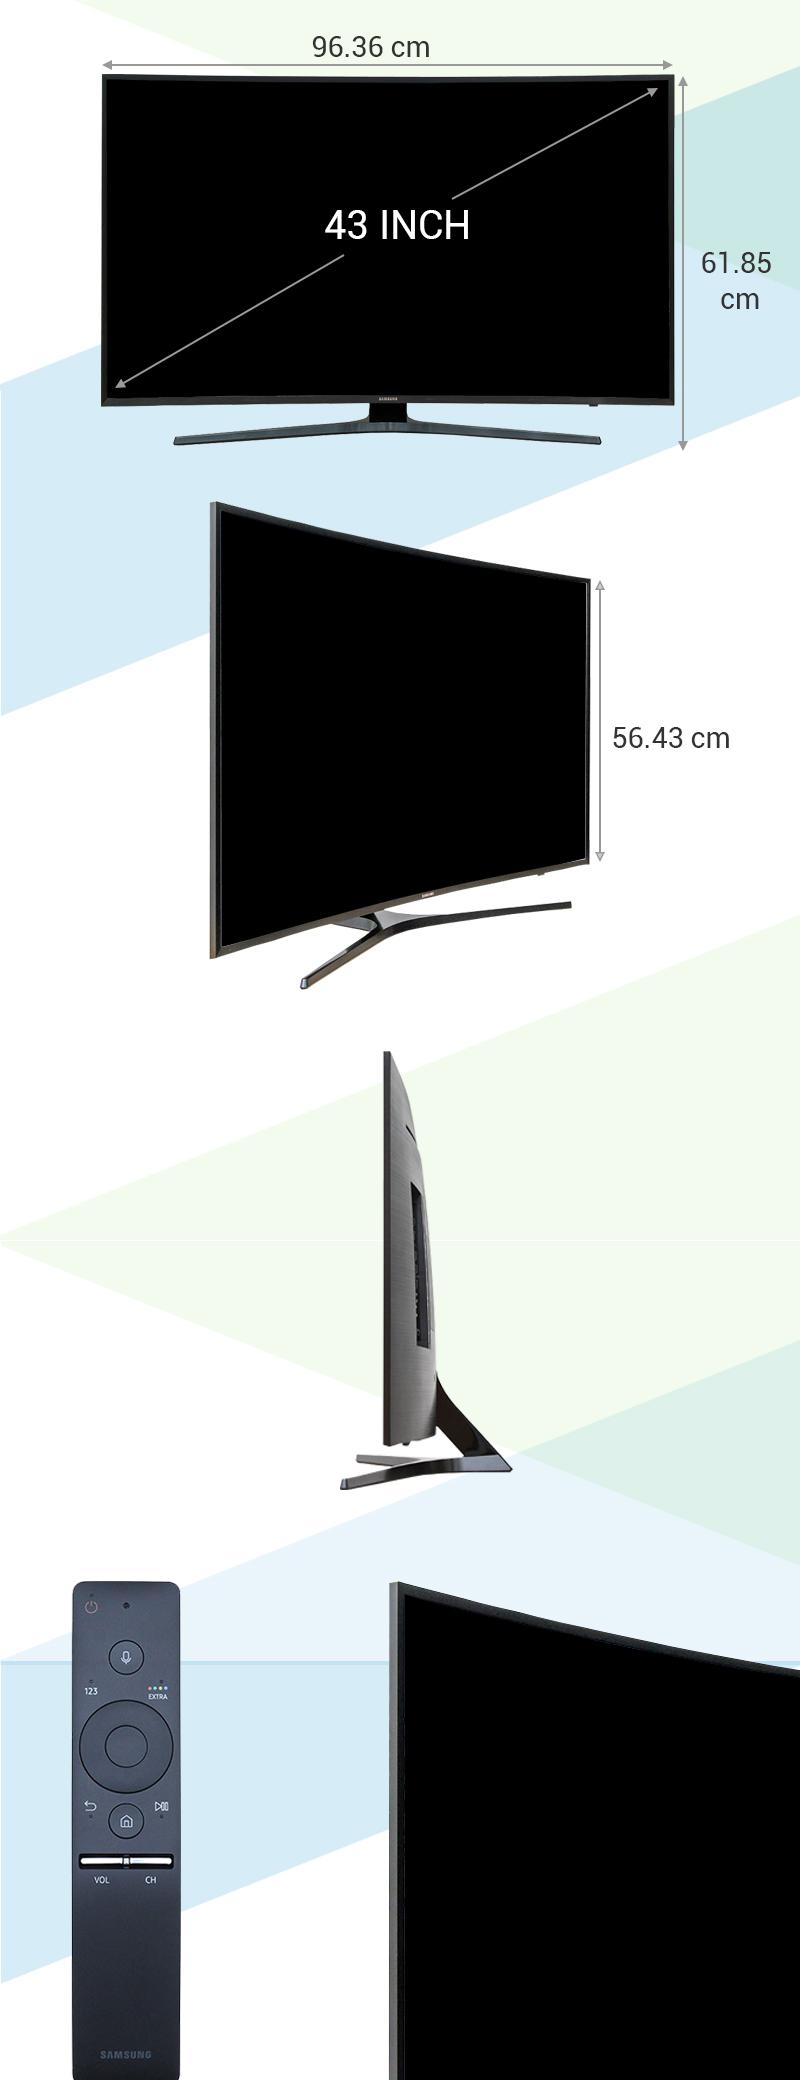 Smart Tivi Cong Samsung 43 inch UA43KU6500 - Kích thước tivi